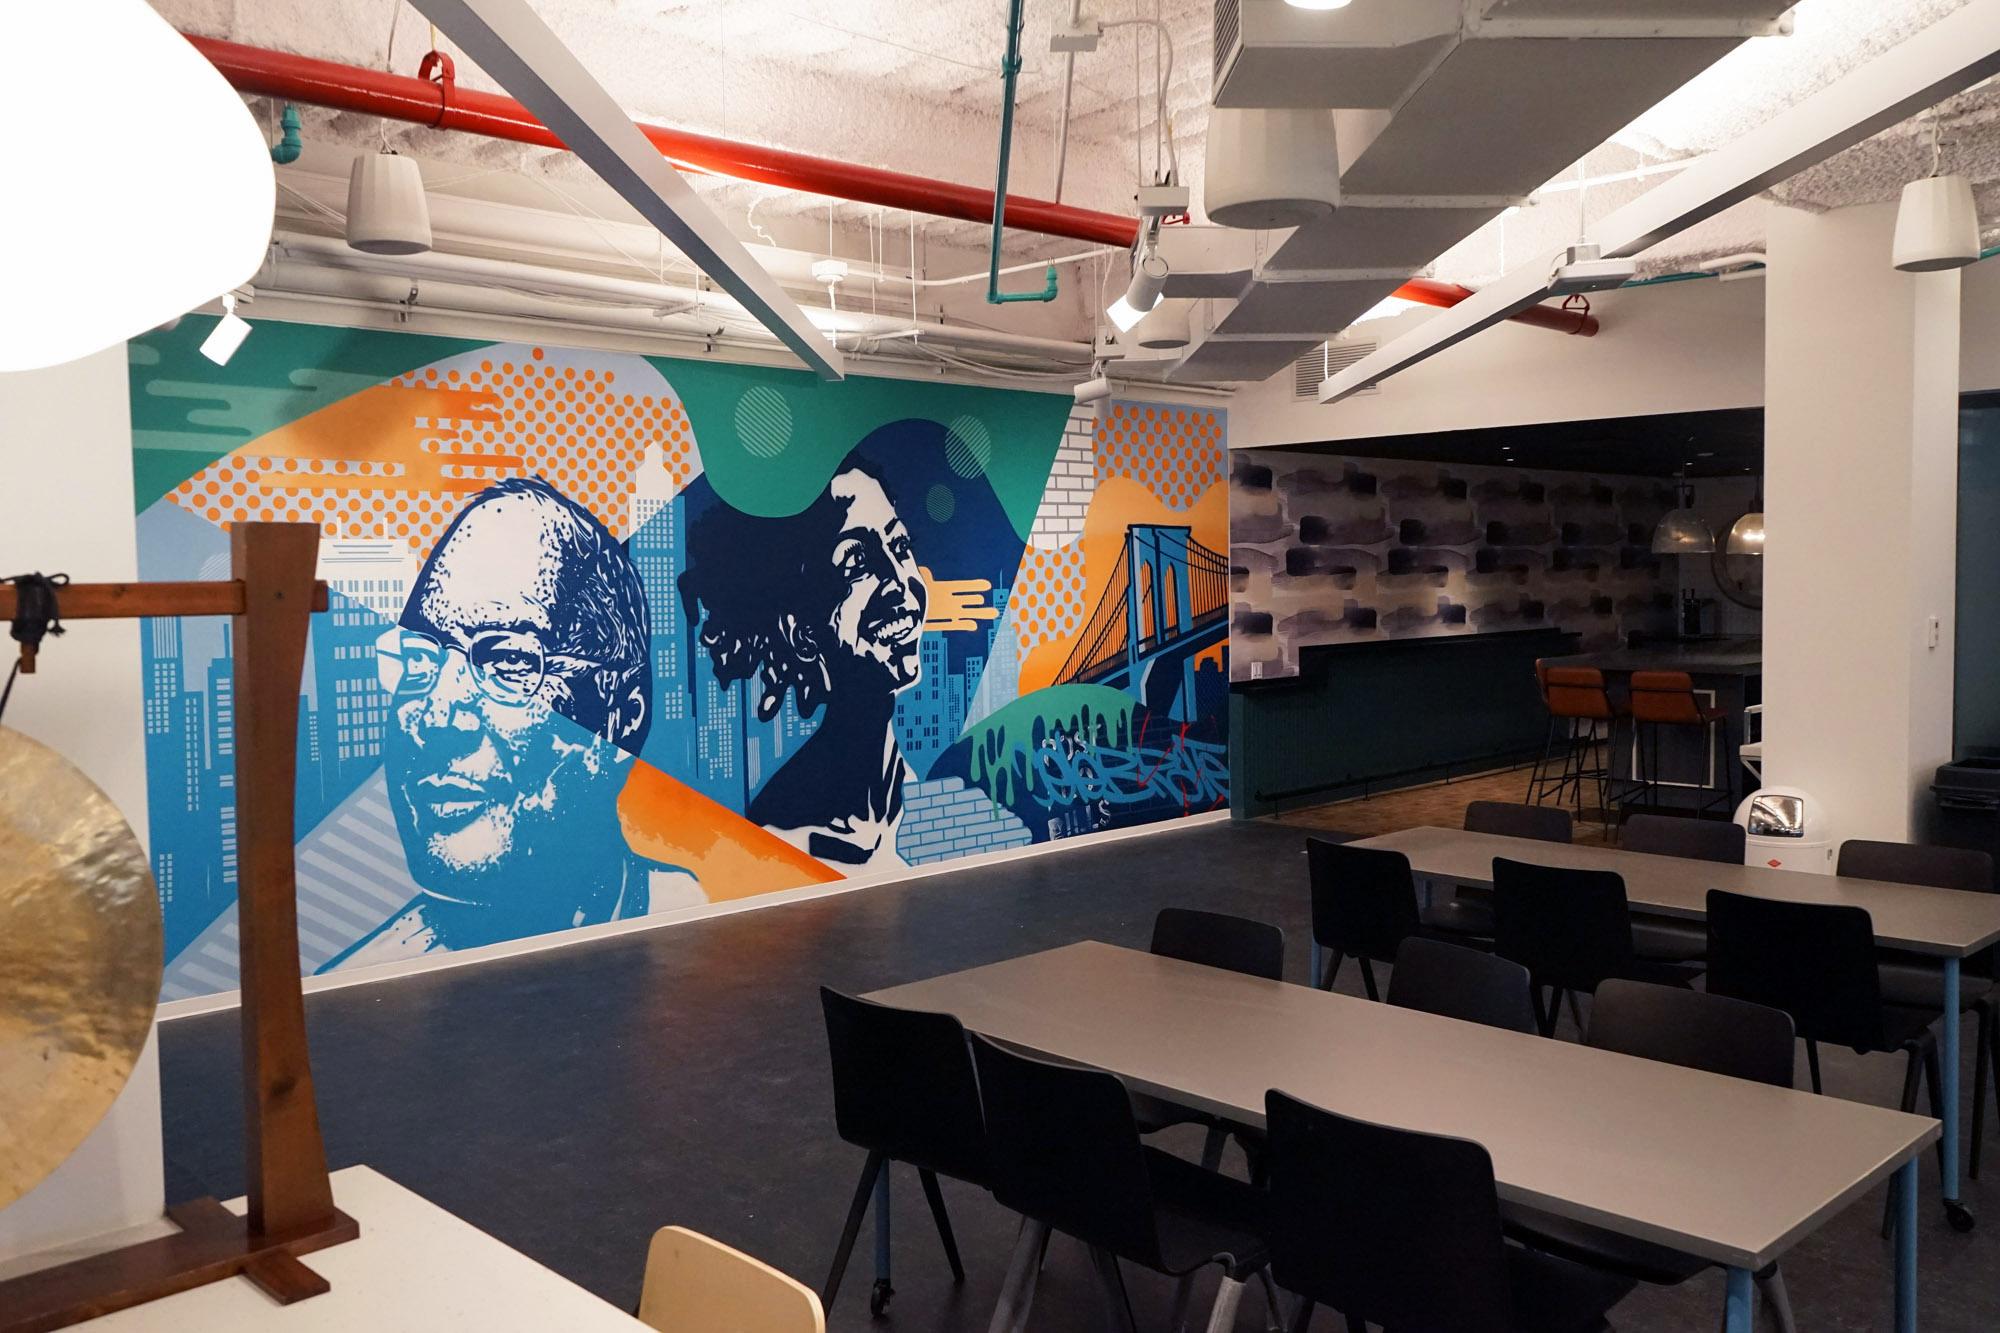 Office Mural Artwork